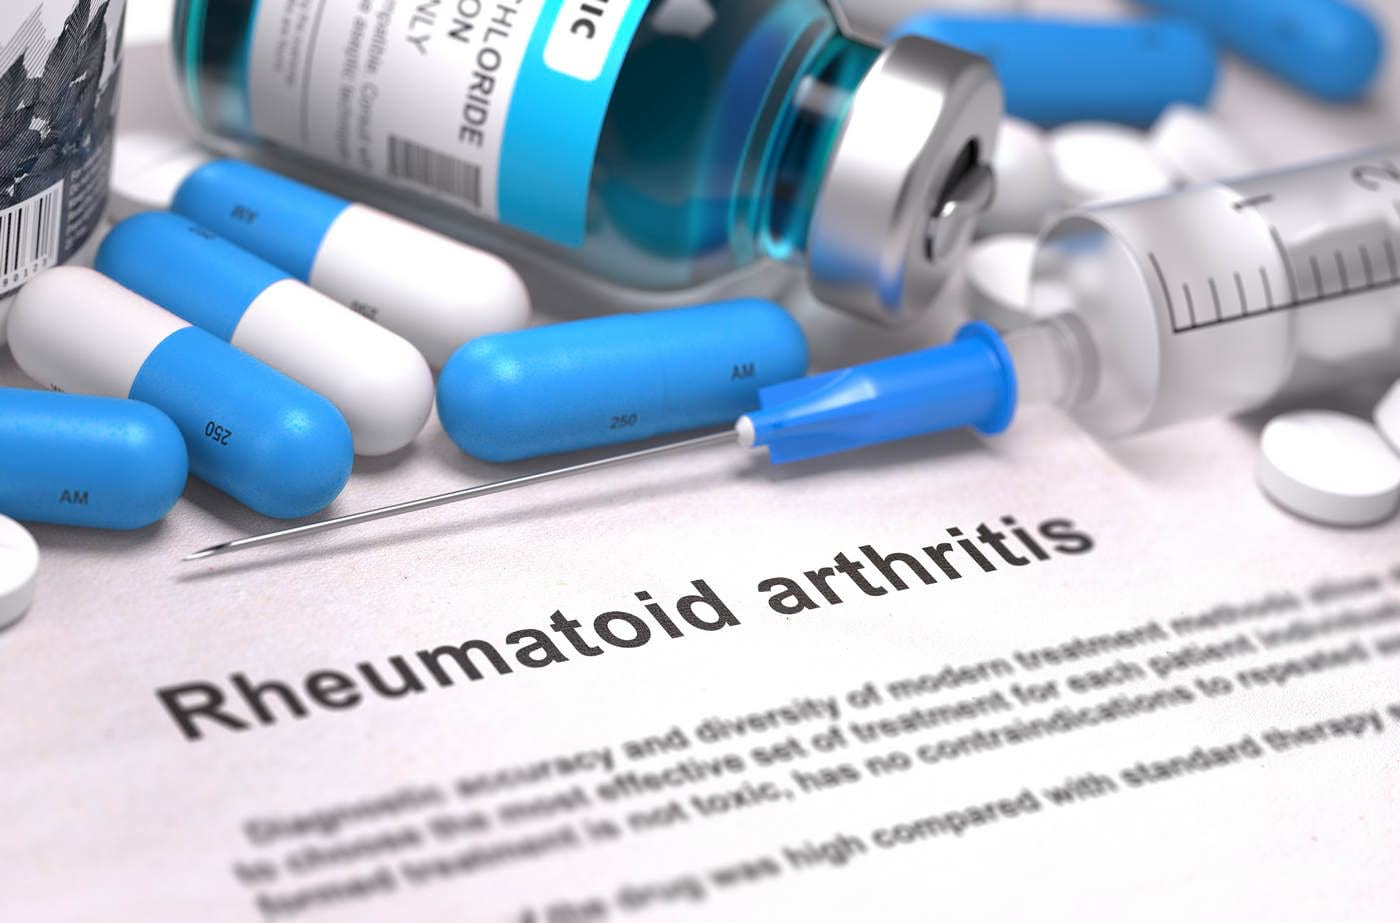 Pericolul unor medicamente indicate în poliartrita reumatoidă